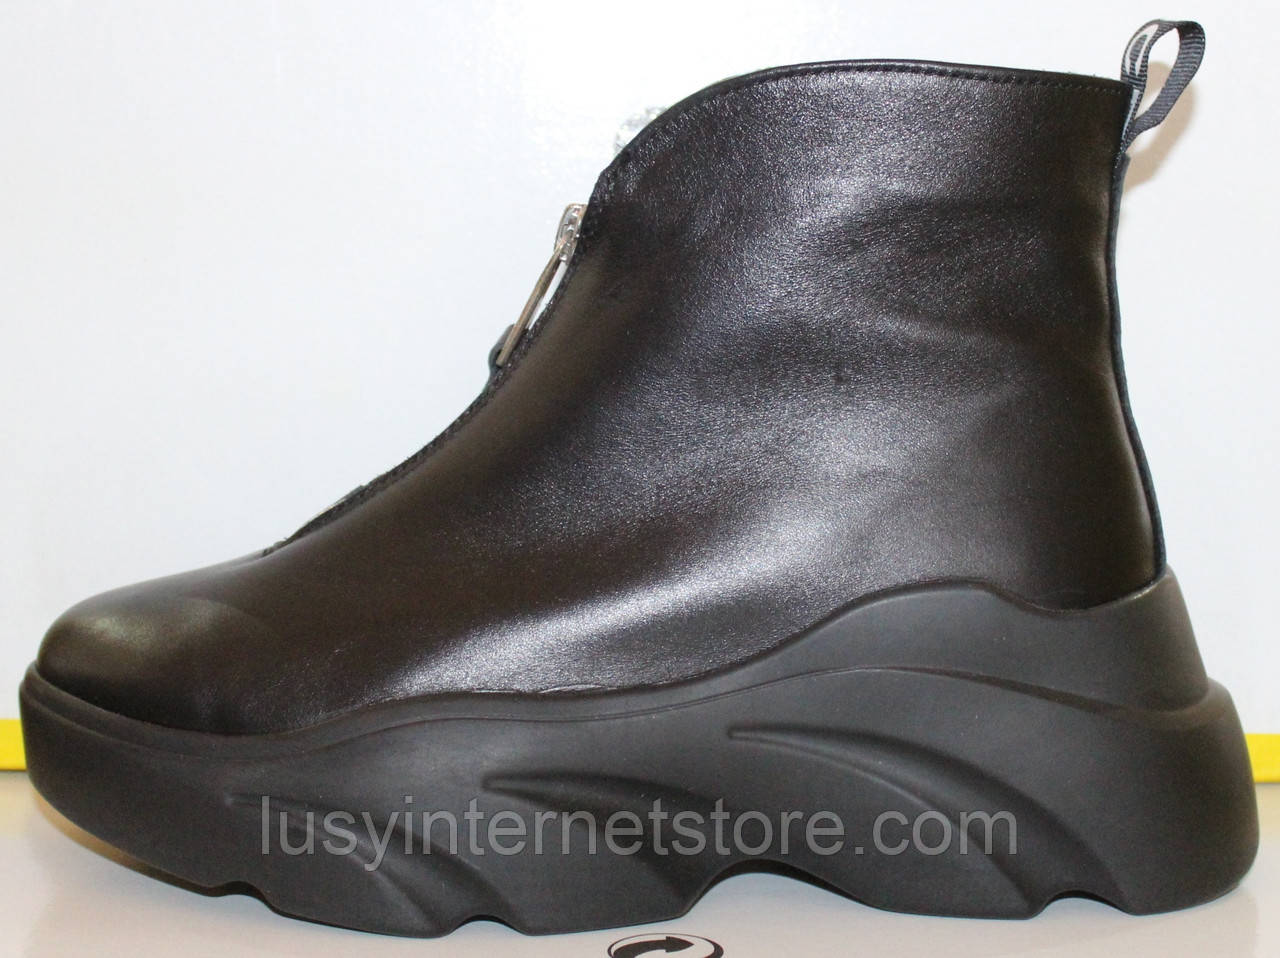 Ботинки женские демисезонные кожаные от производителя модель КА100